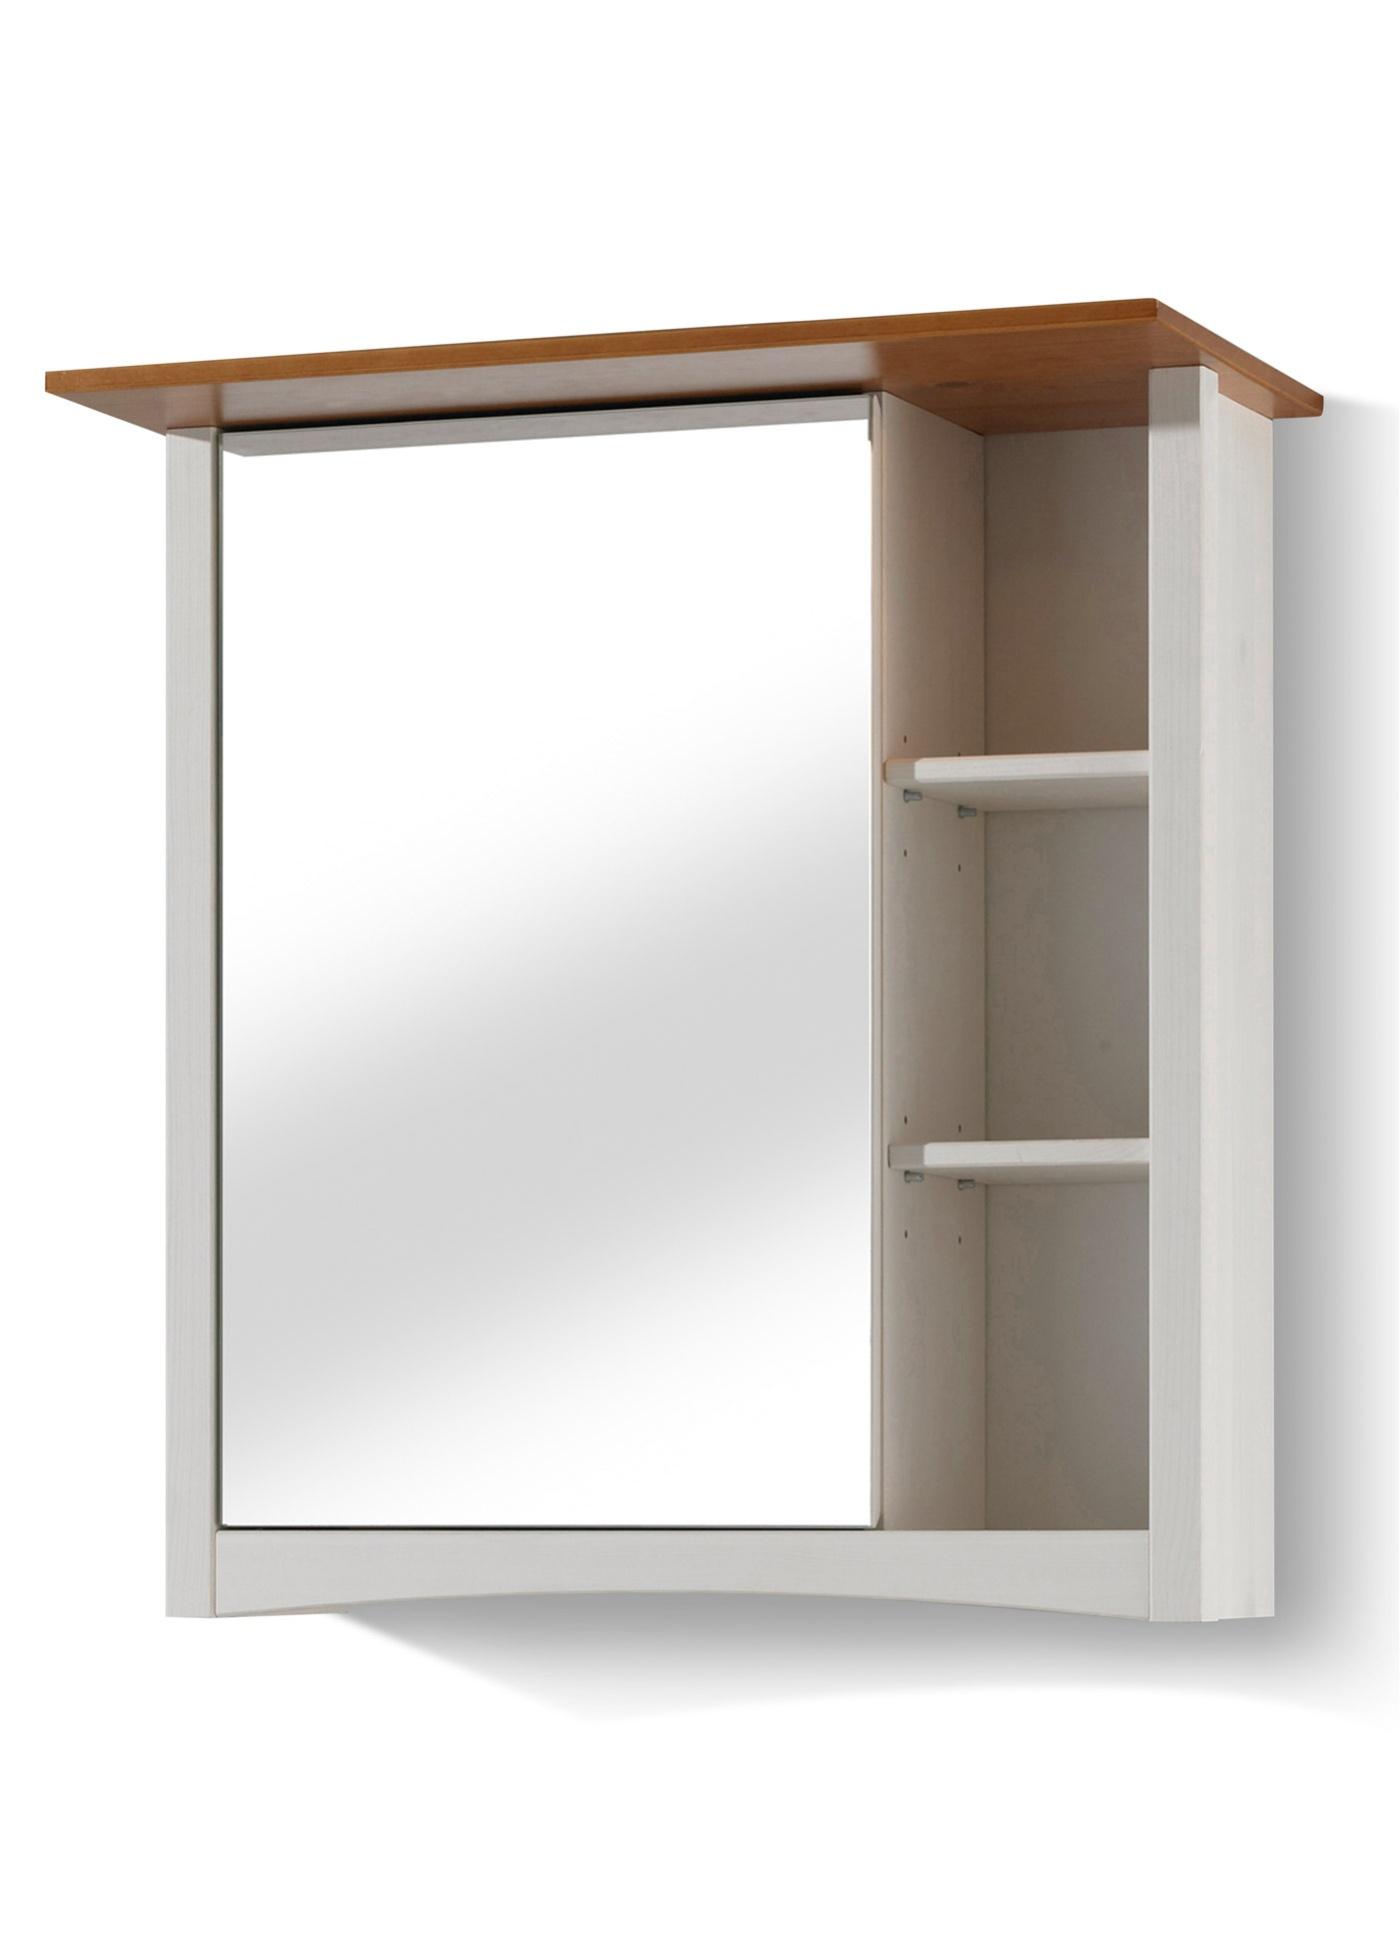 """Armoire de toilette avec 3 compartiments ouverts et 1 tablette variable derrière le miroir. Fabriquée en Europe dans un style scandinave, particulièrement stable et robuste. En planches de bois de 15 mm d""""épaisseur. Le plateau supérieur des meubles d"""